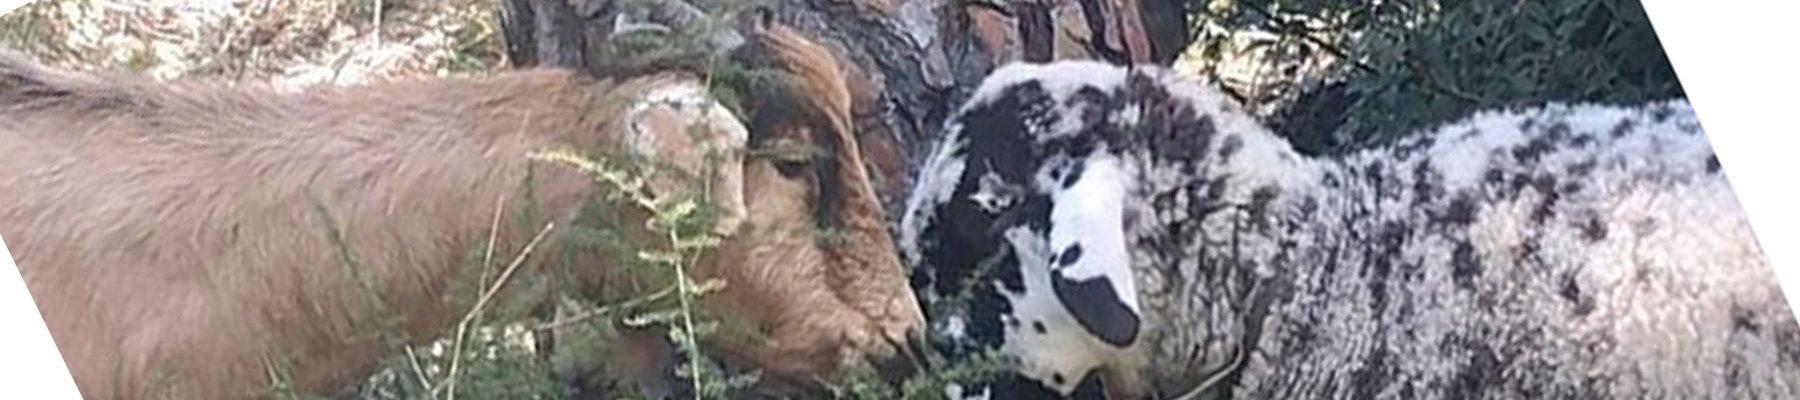 Santuario BuenaVida: cabras